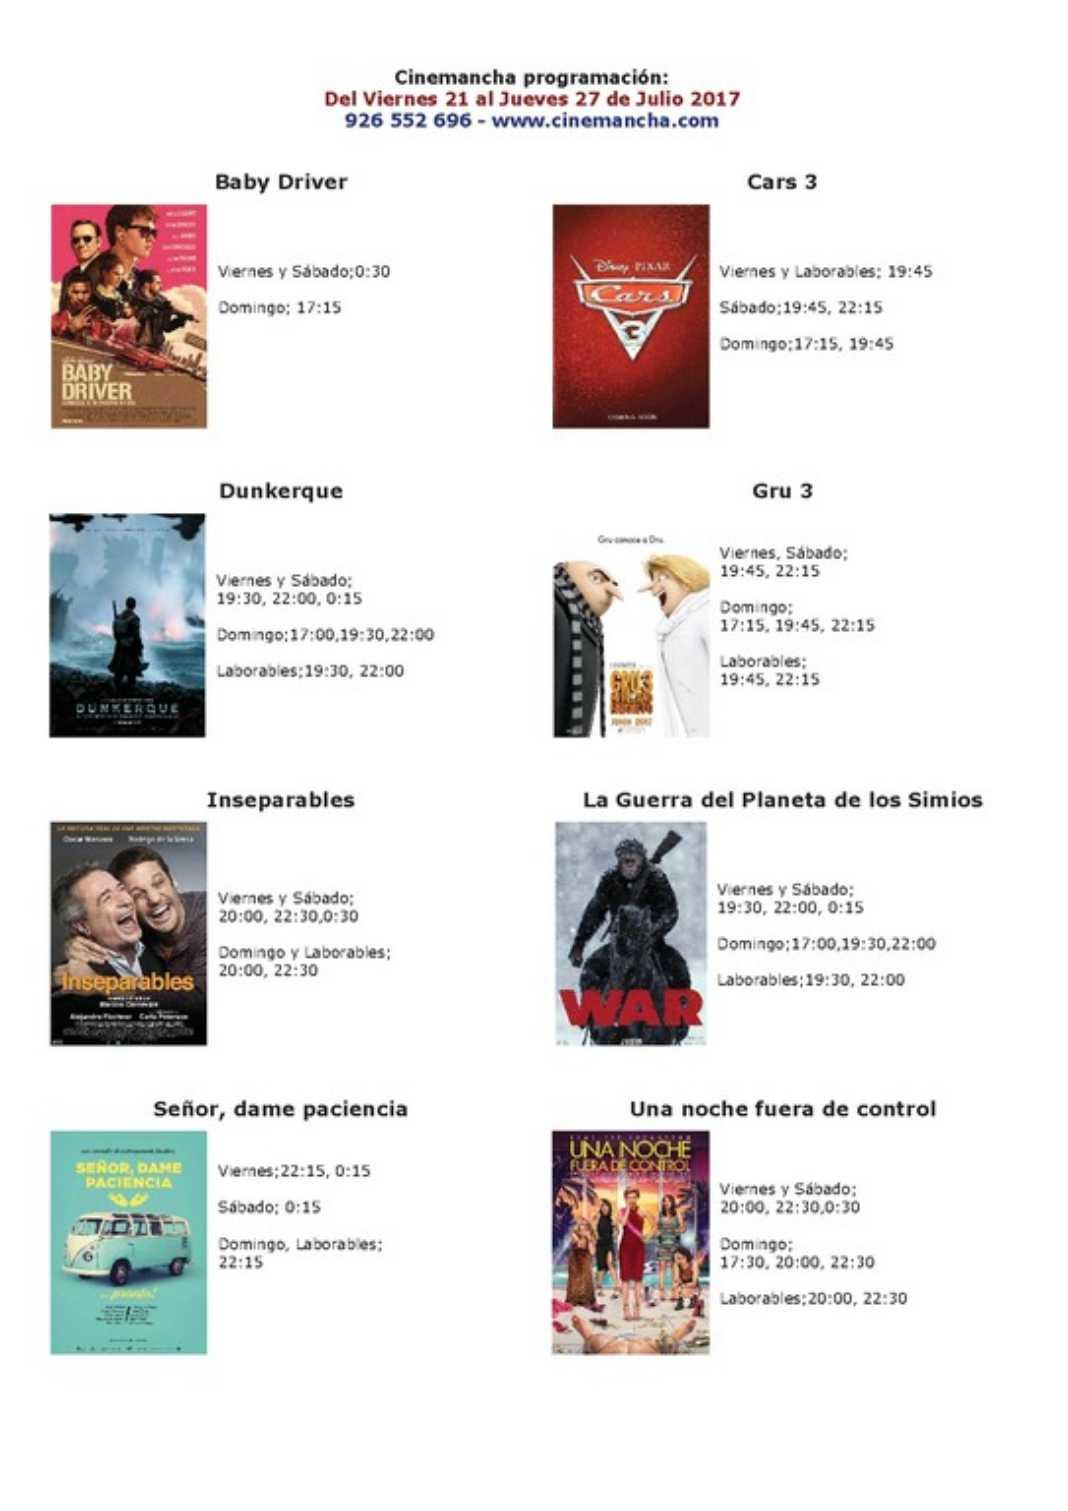 Programación Cinemancha del viernes 21 al jueves 27 de Julio 2